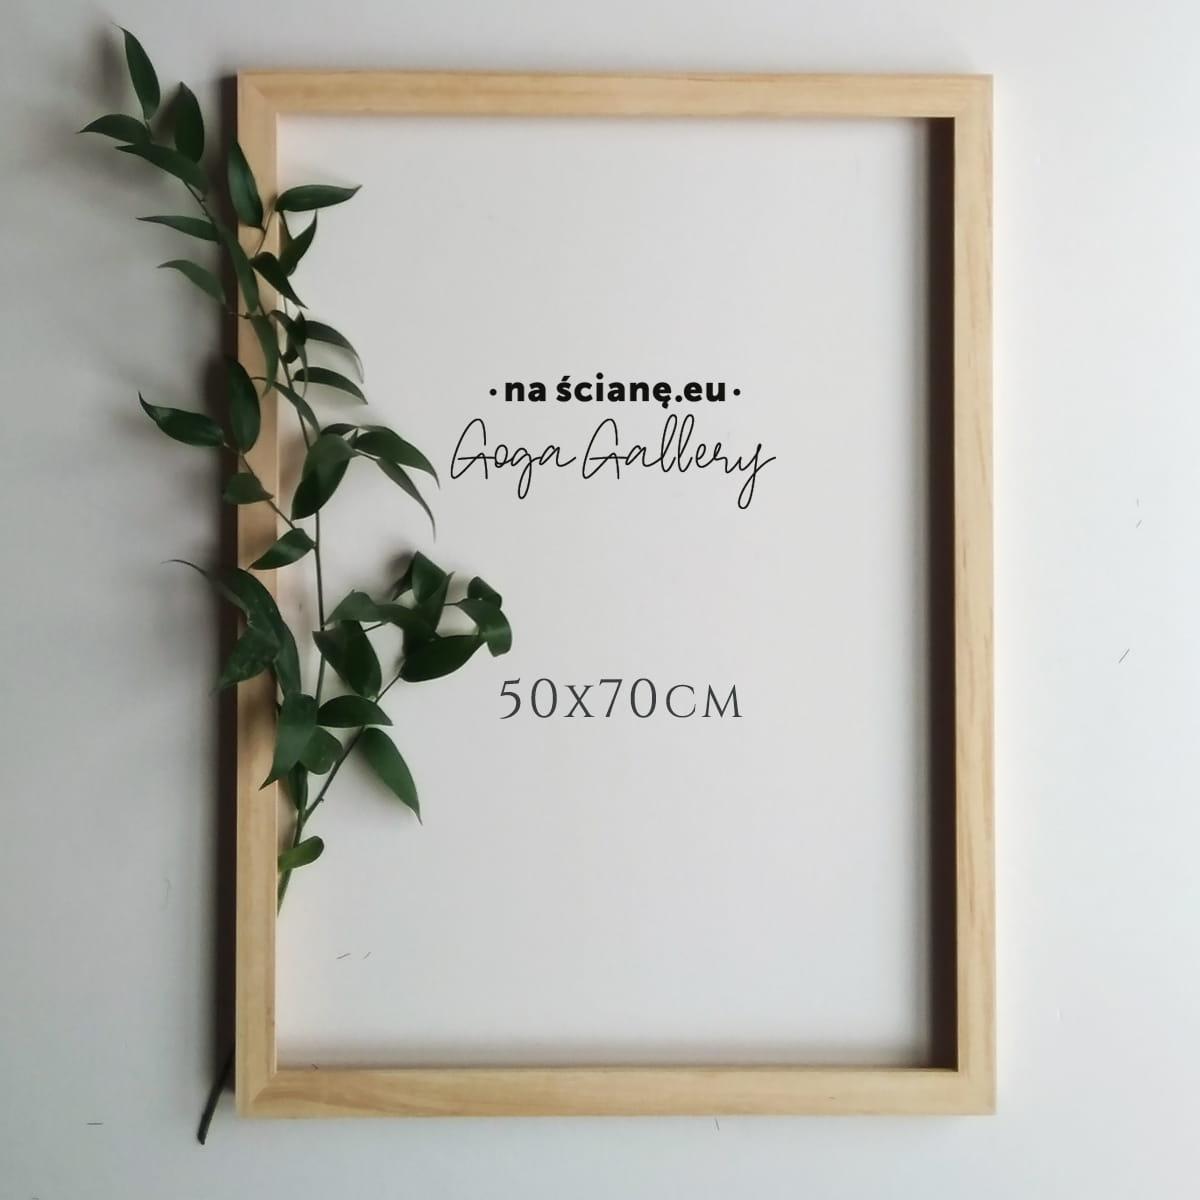 Drewniana ramka na plakat lub zdjęcie, naturalna - 50x70 cm